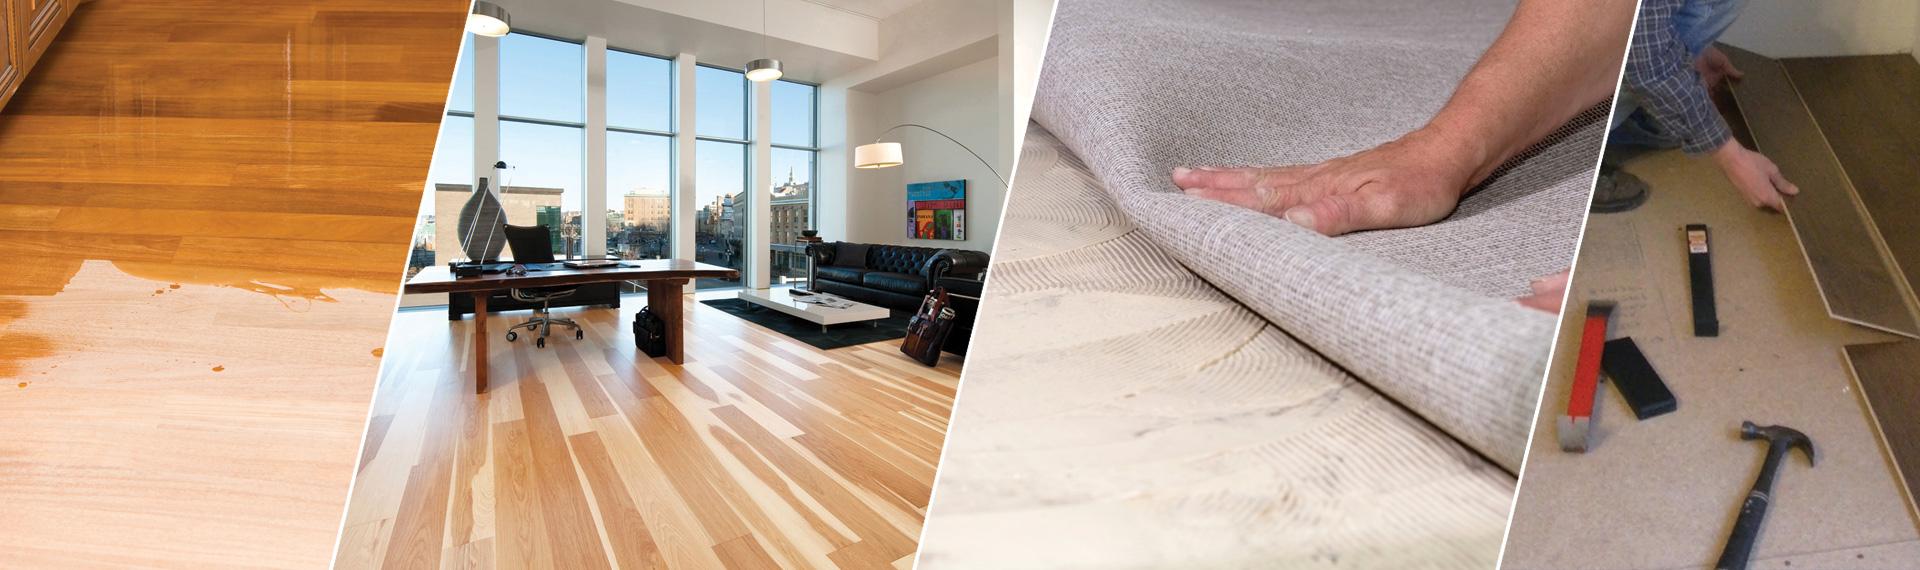 International Flooring Sugar Land TX